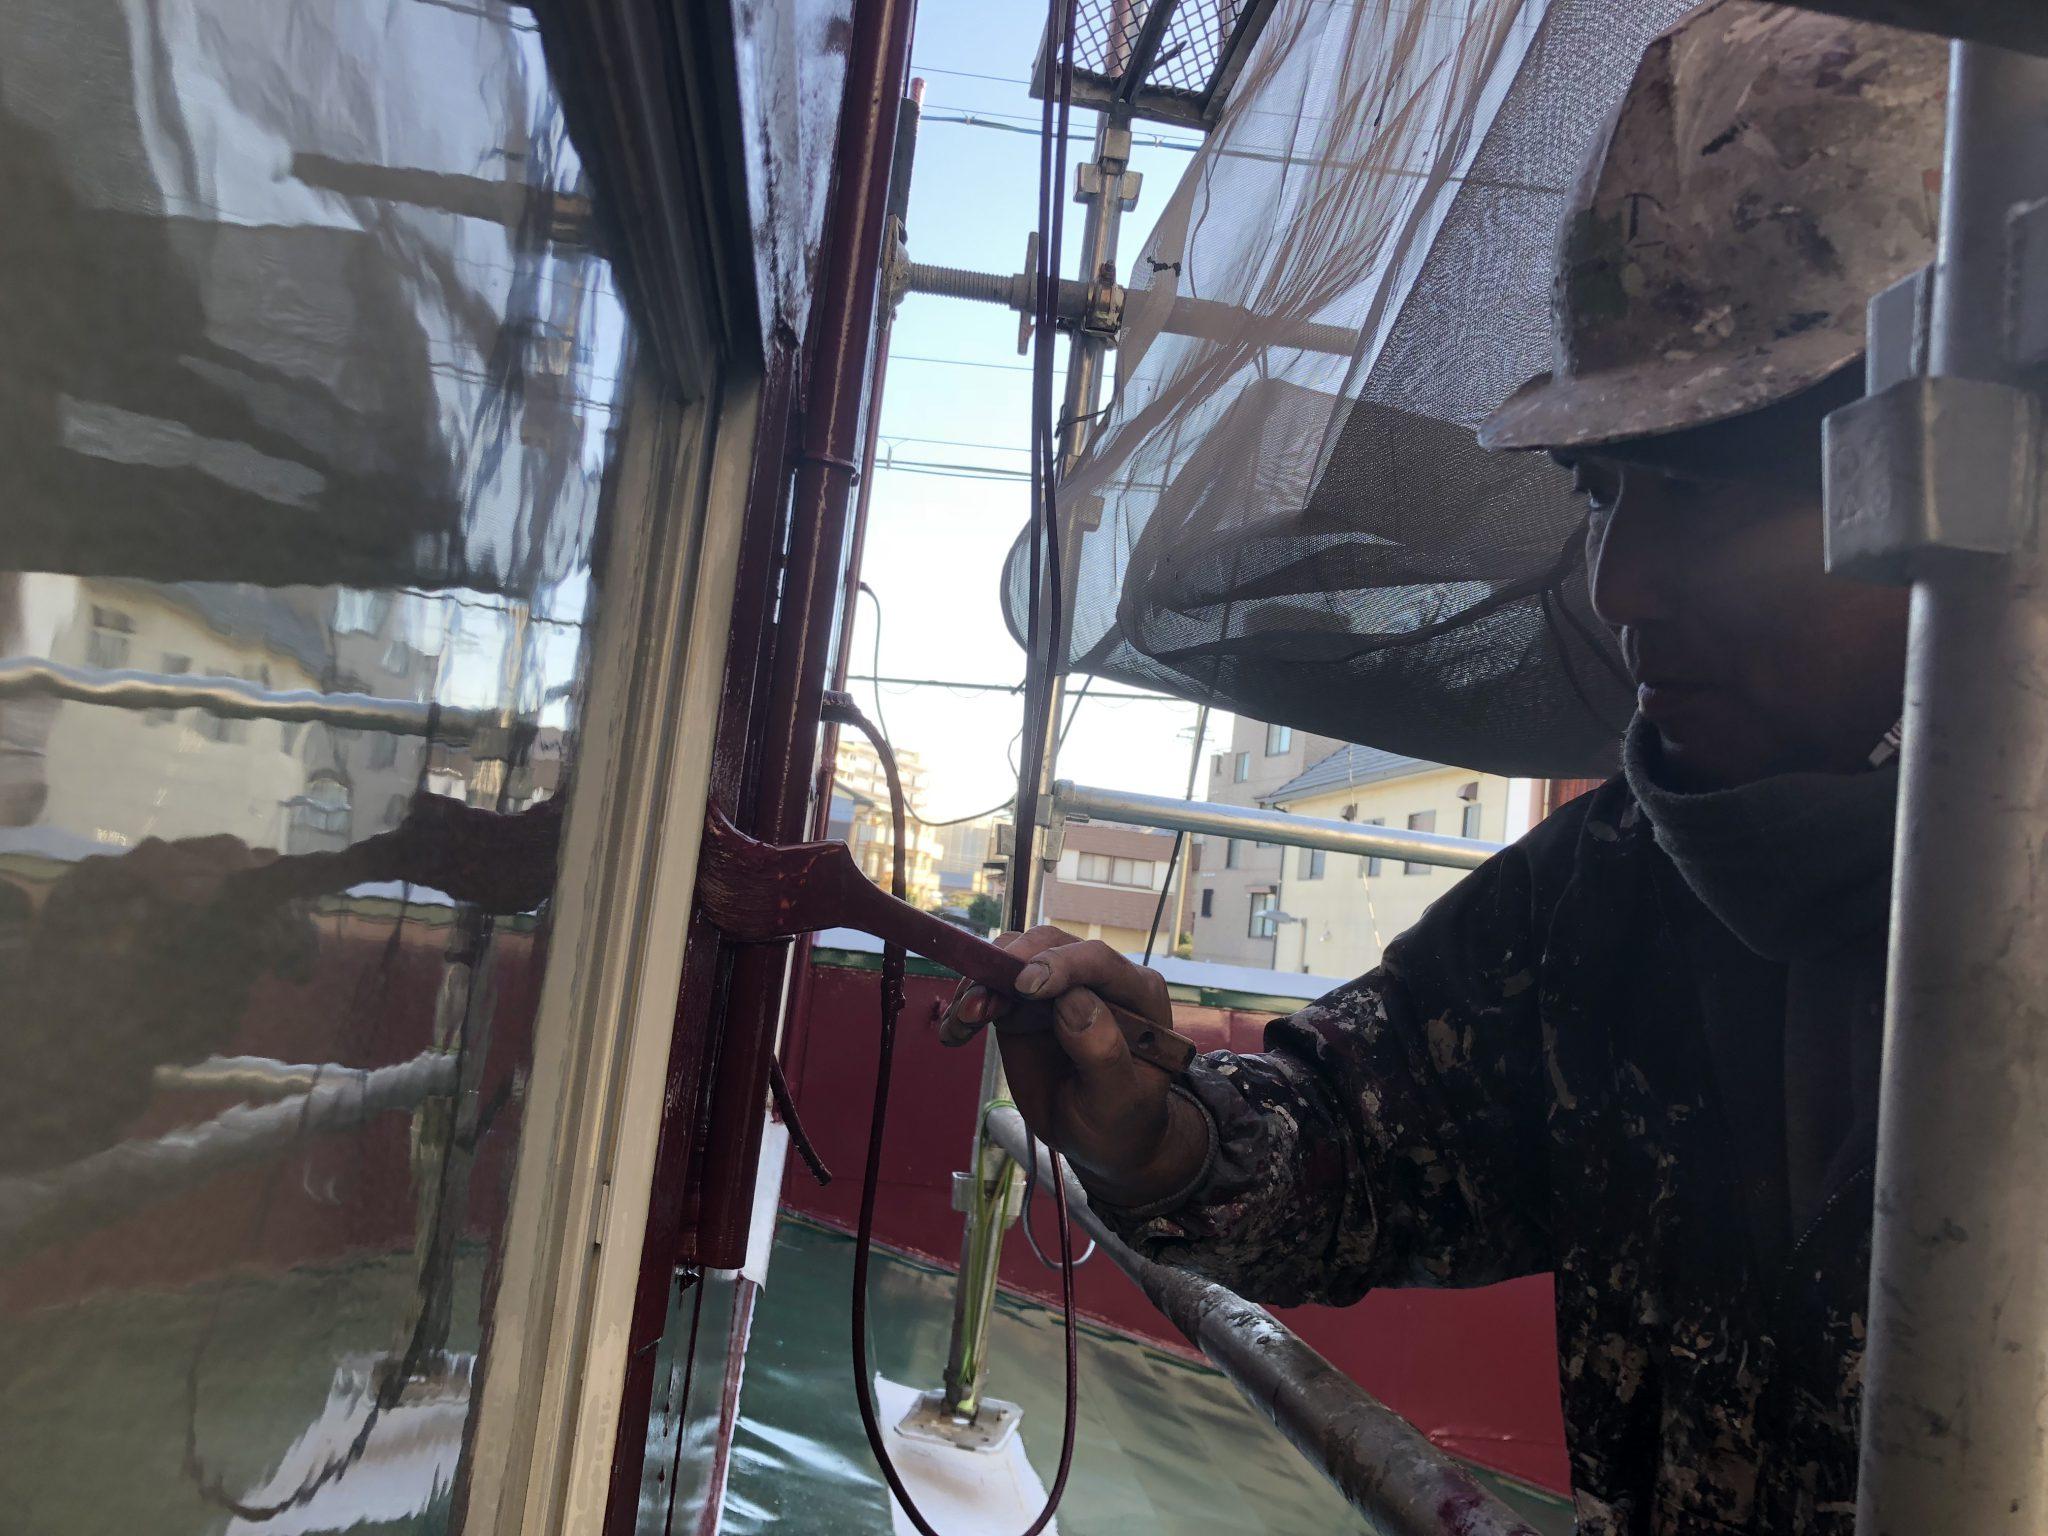 春日井市 塗装職人歴30年竜太の兄貴の外壁塗装動画